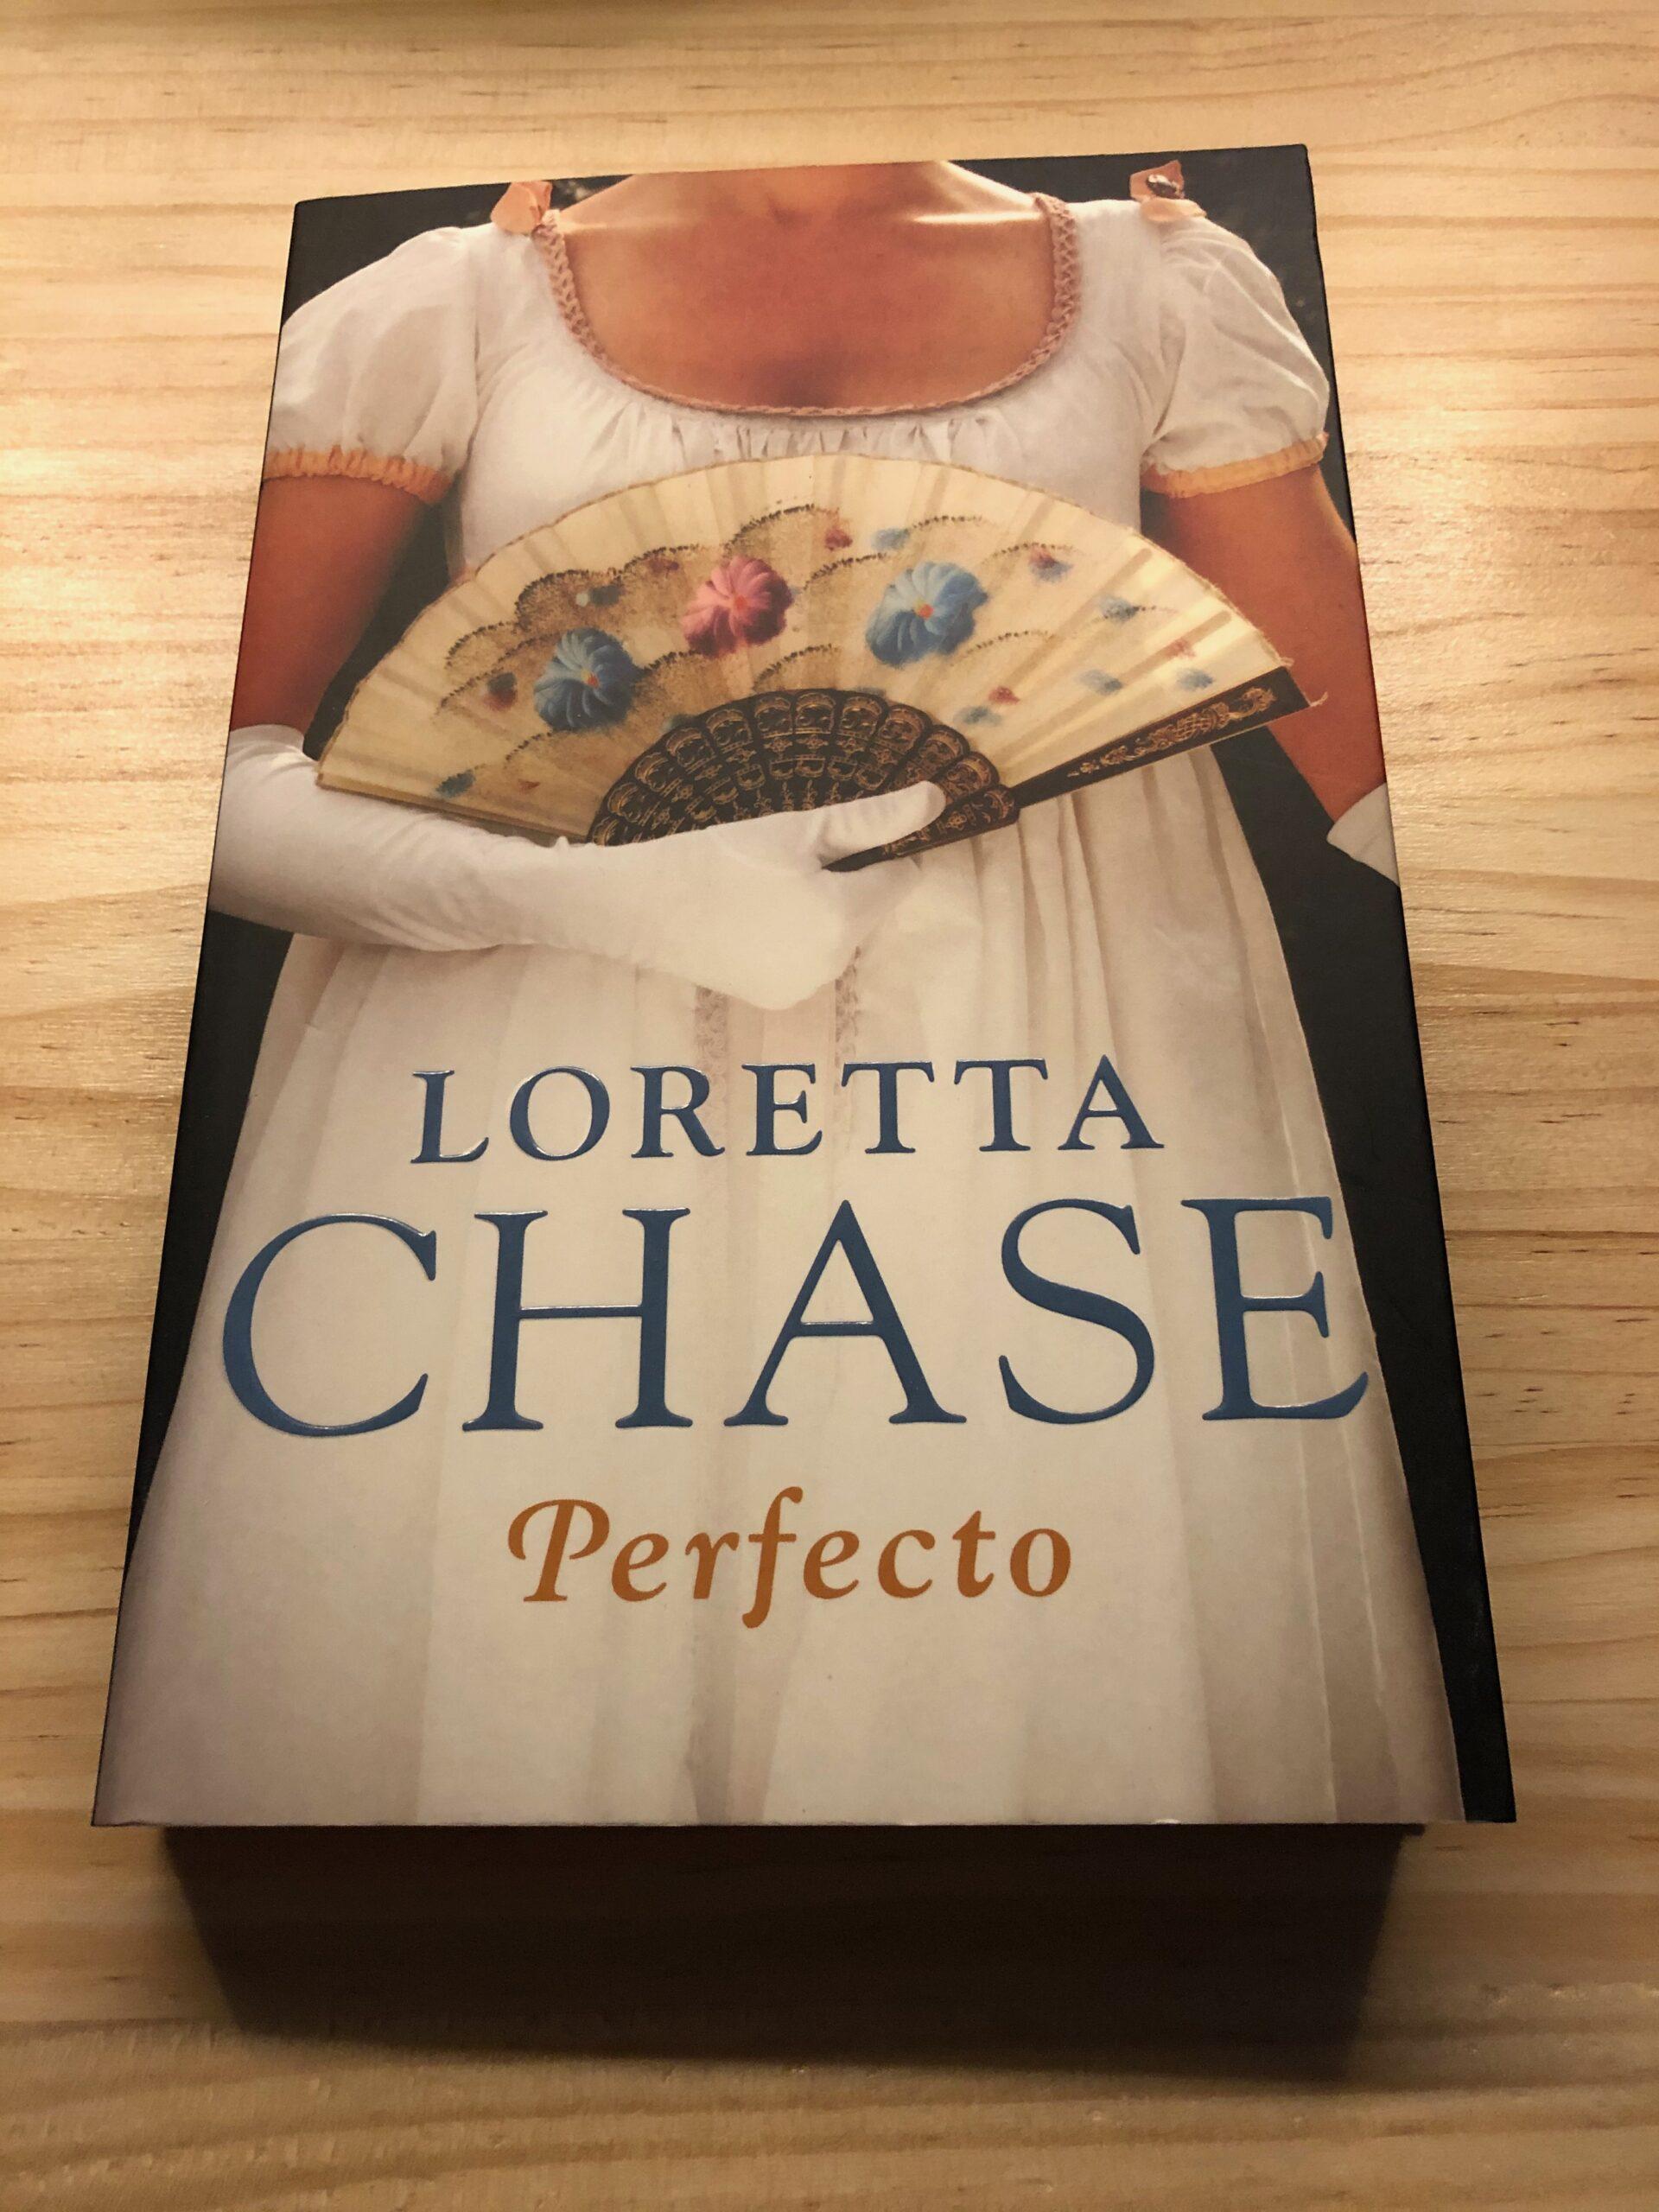 Portada del libro Perfecto, de Loretta Chase